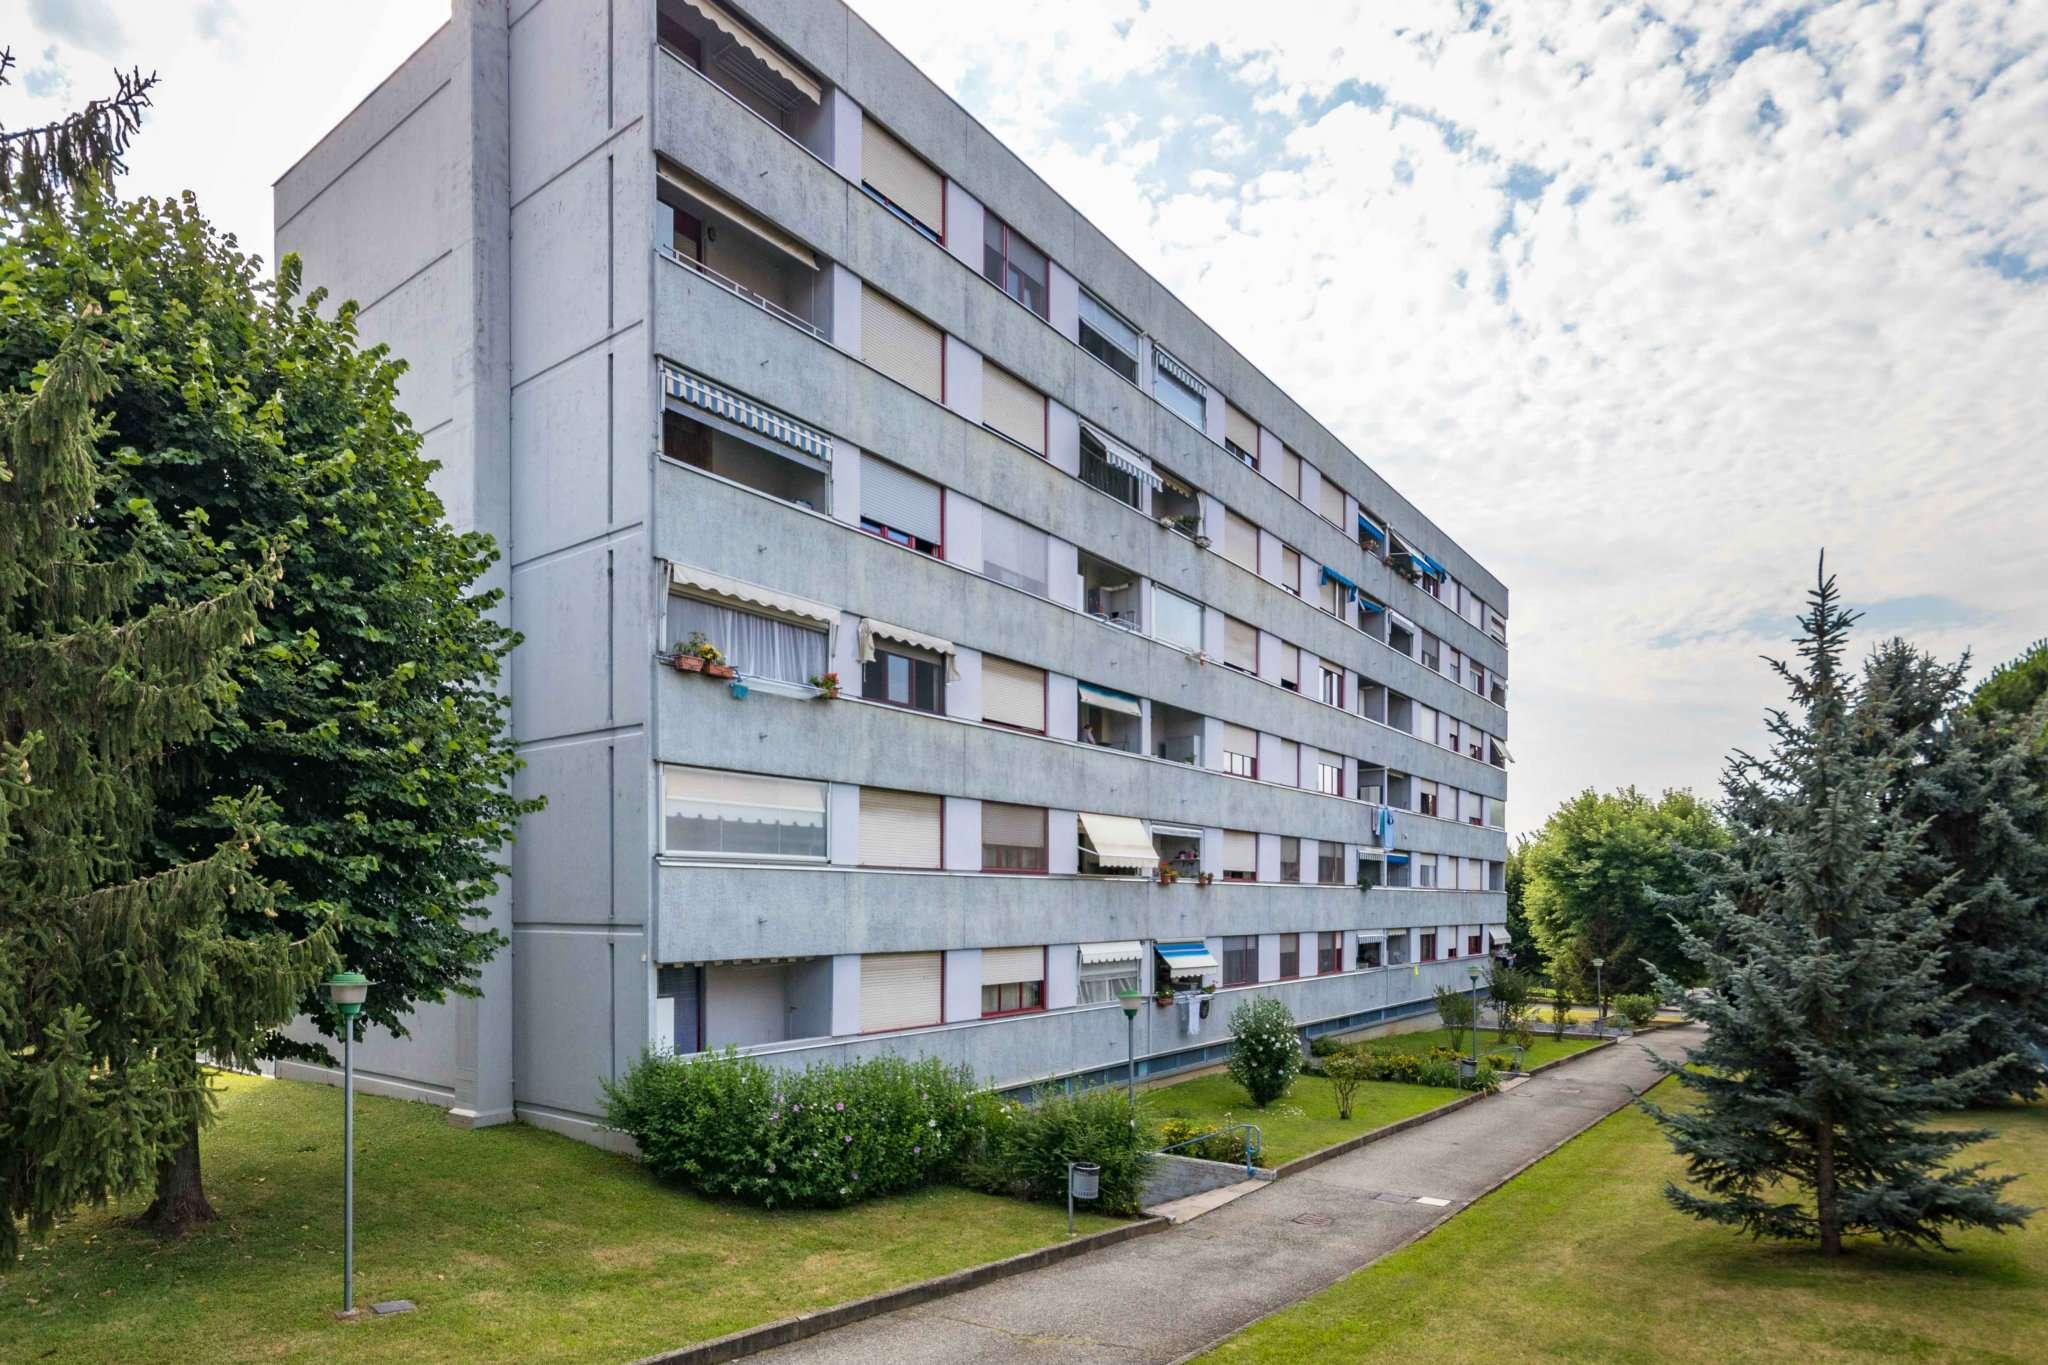 Appartamento in vendita a Alpignano, 3 locali, prezzo € 78.000 | CambioCasa.it